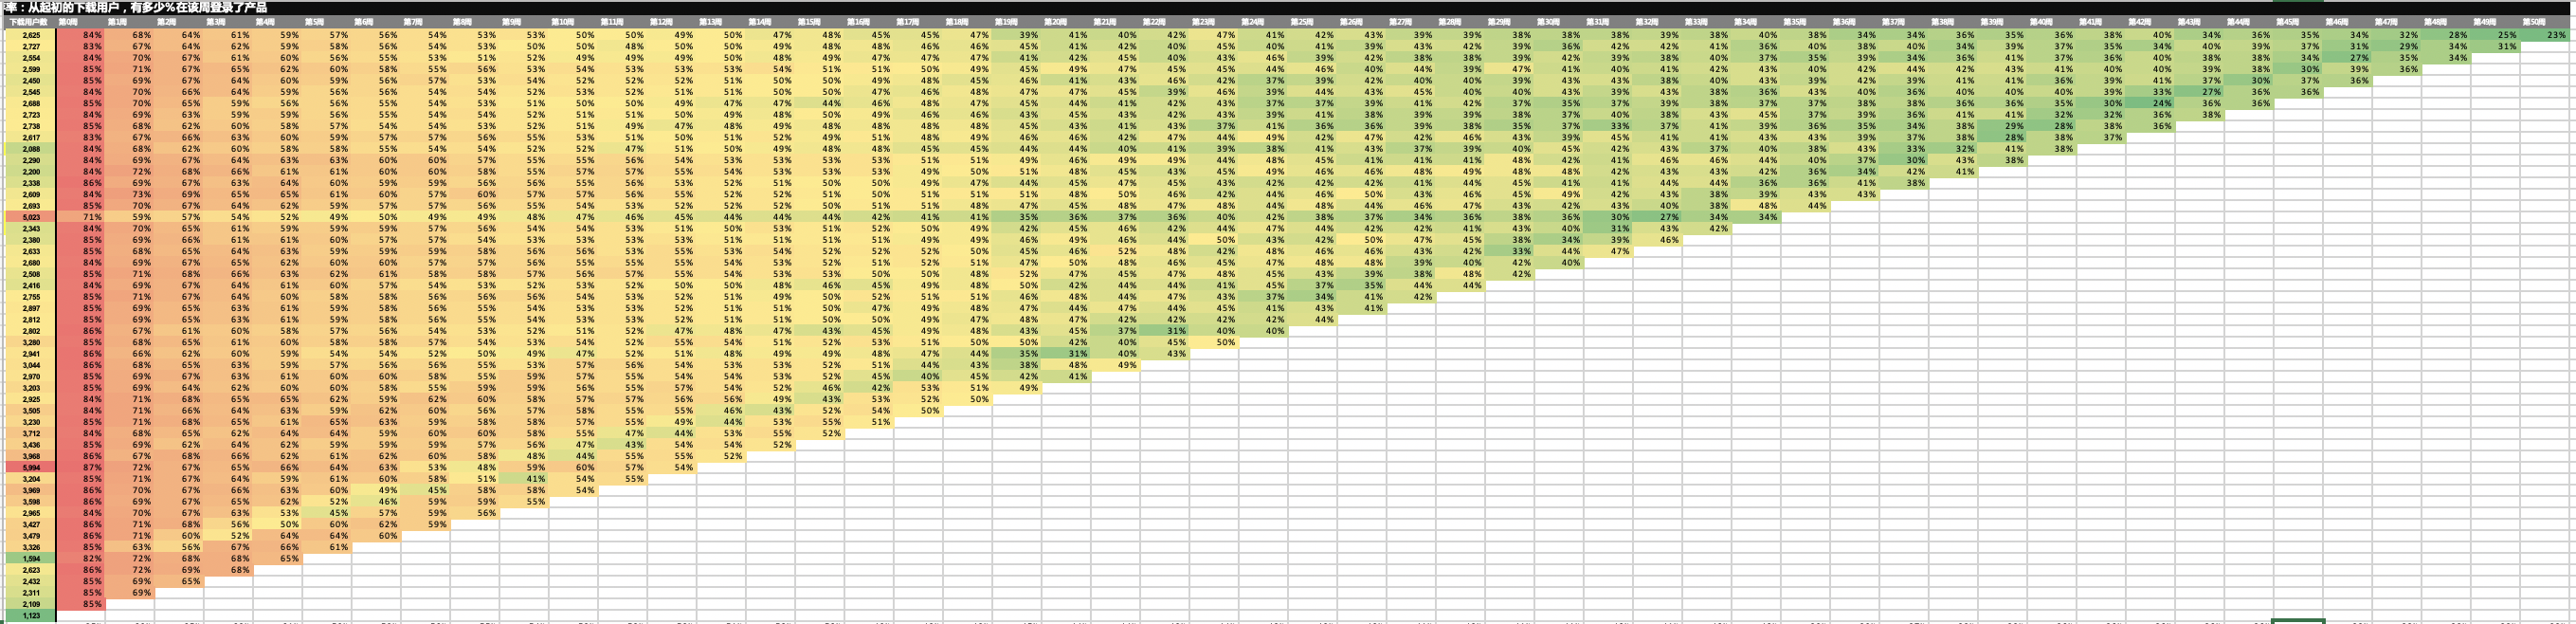 主数据表(横向热力分布图)